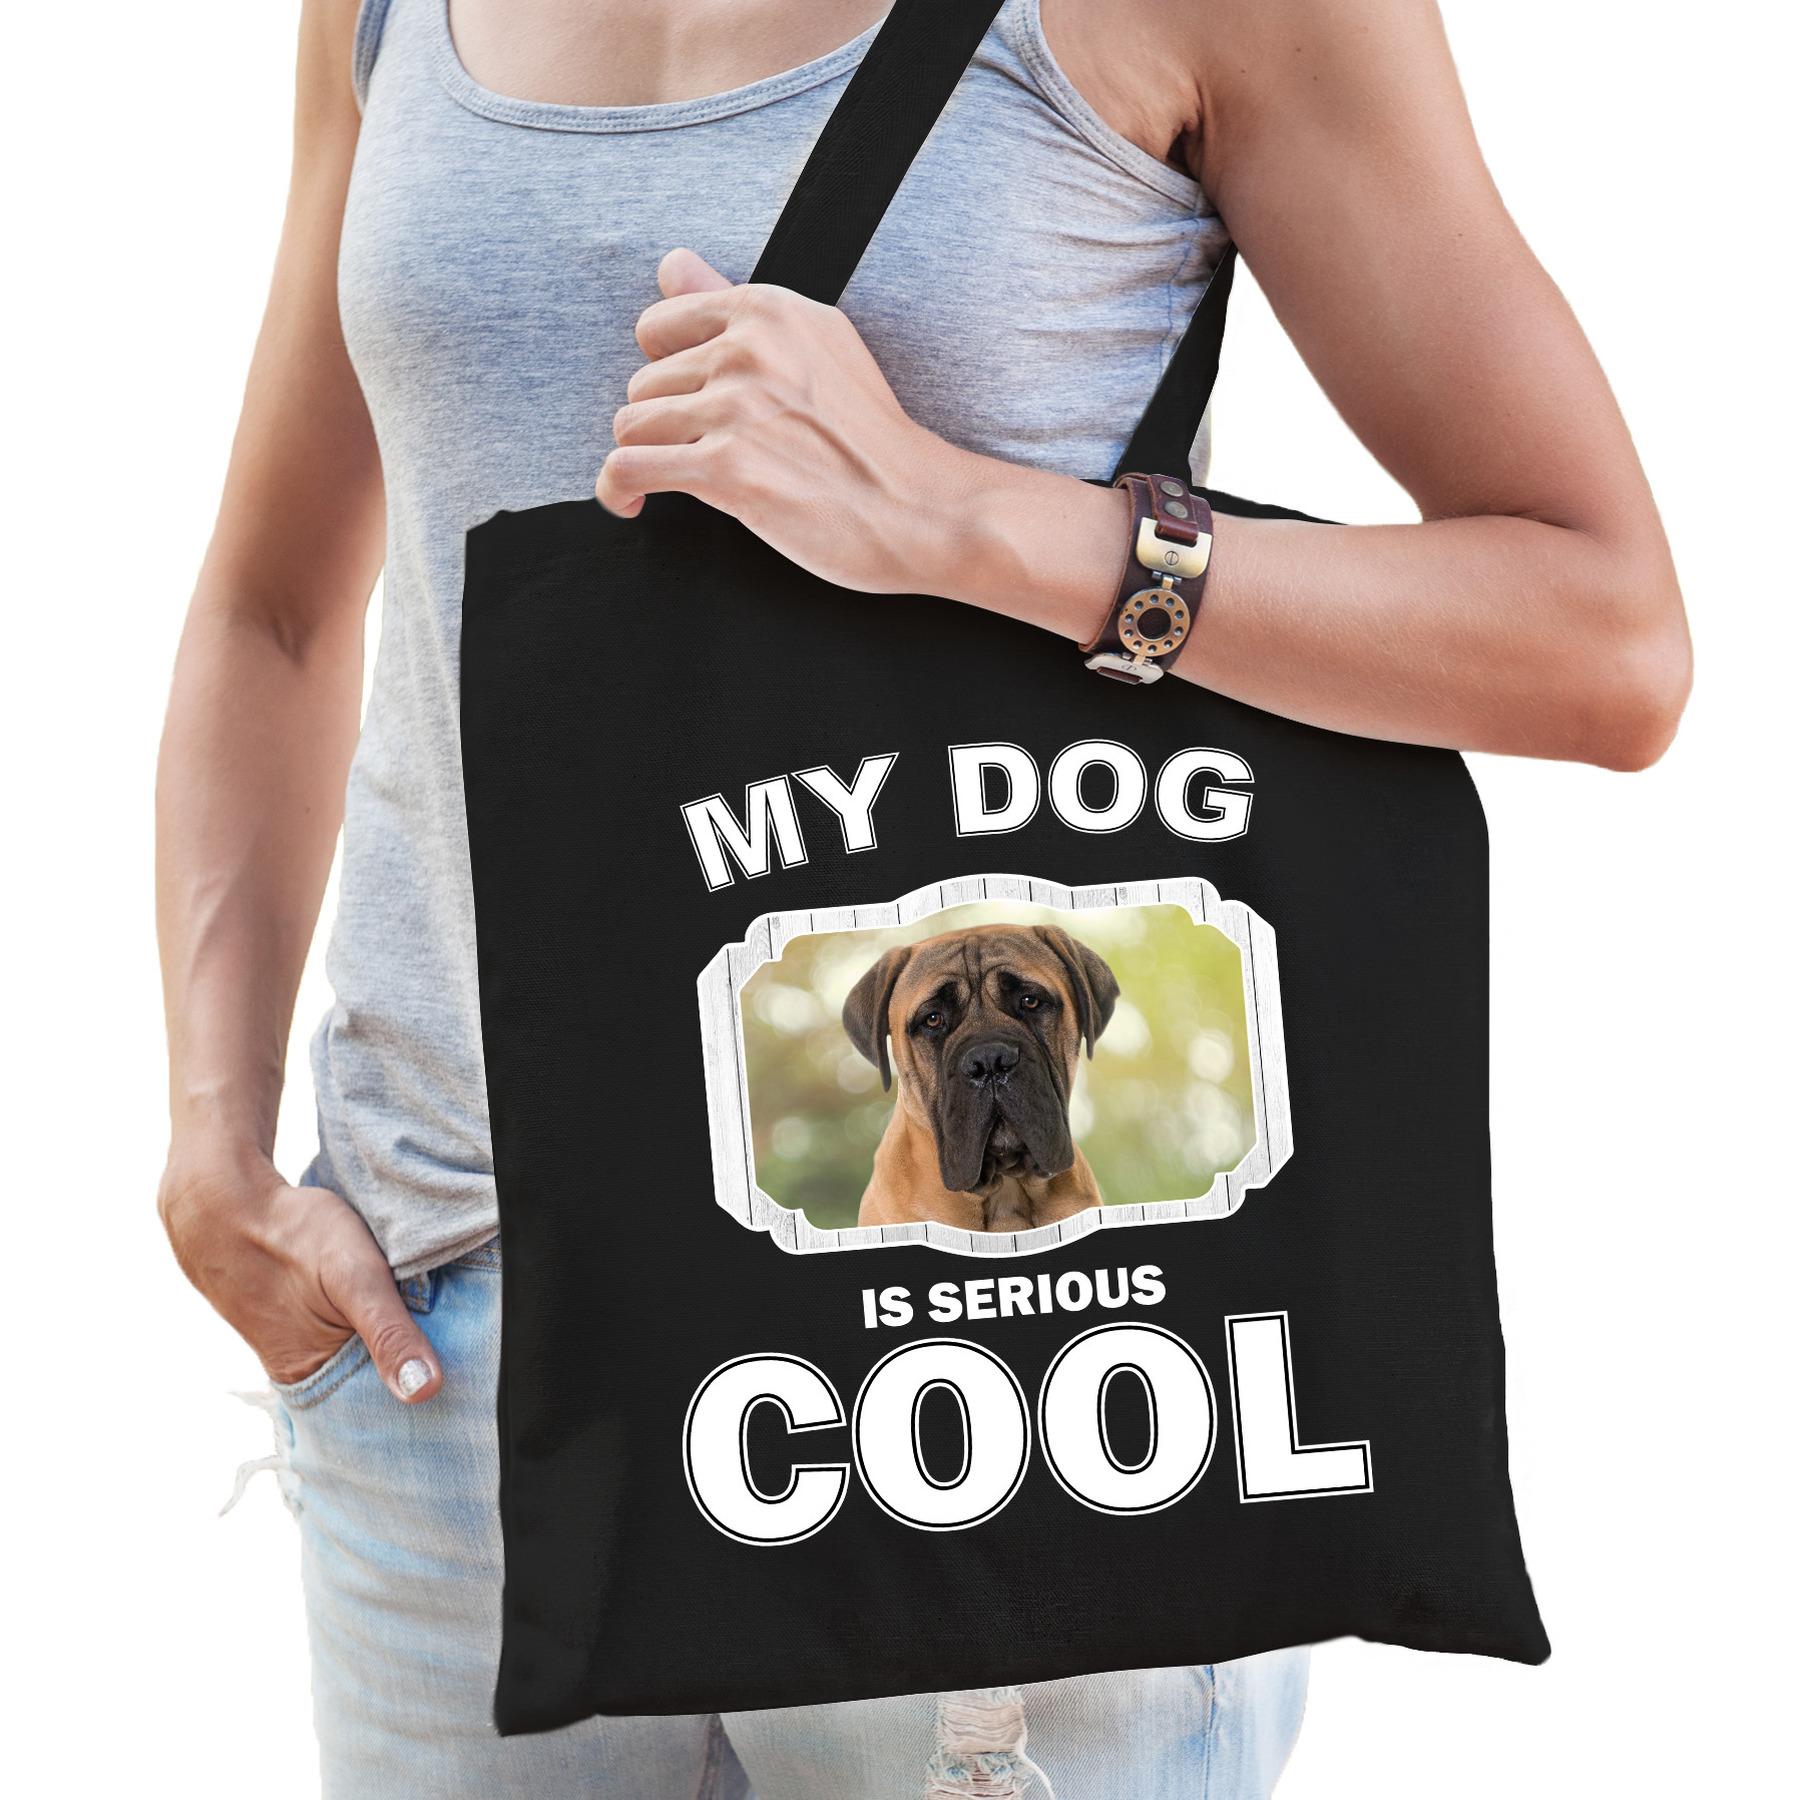 Katoenen tasje my dog is serious cool zwart - Mastiff honden cadeau tas